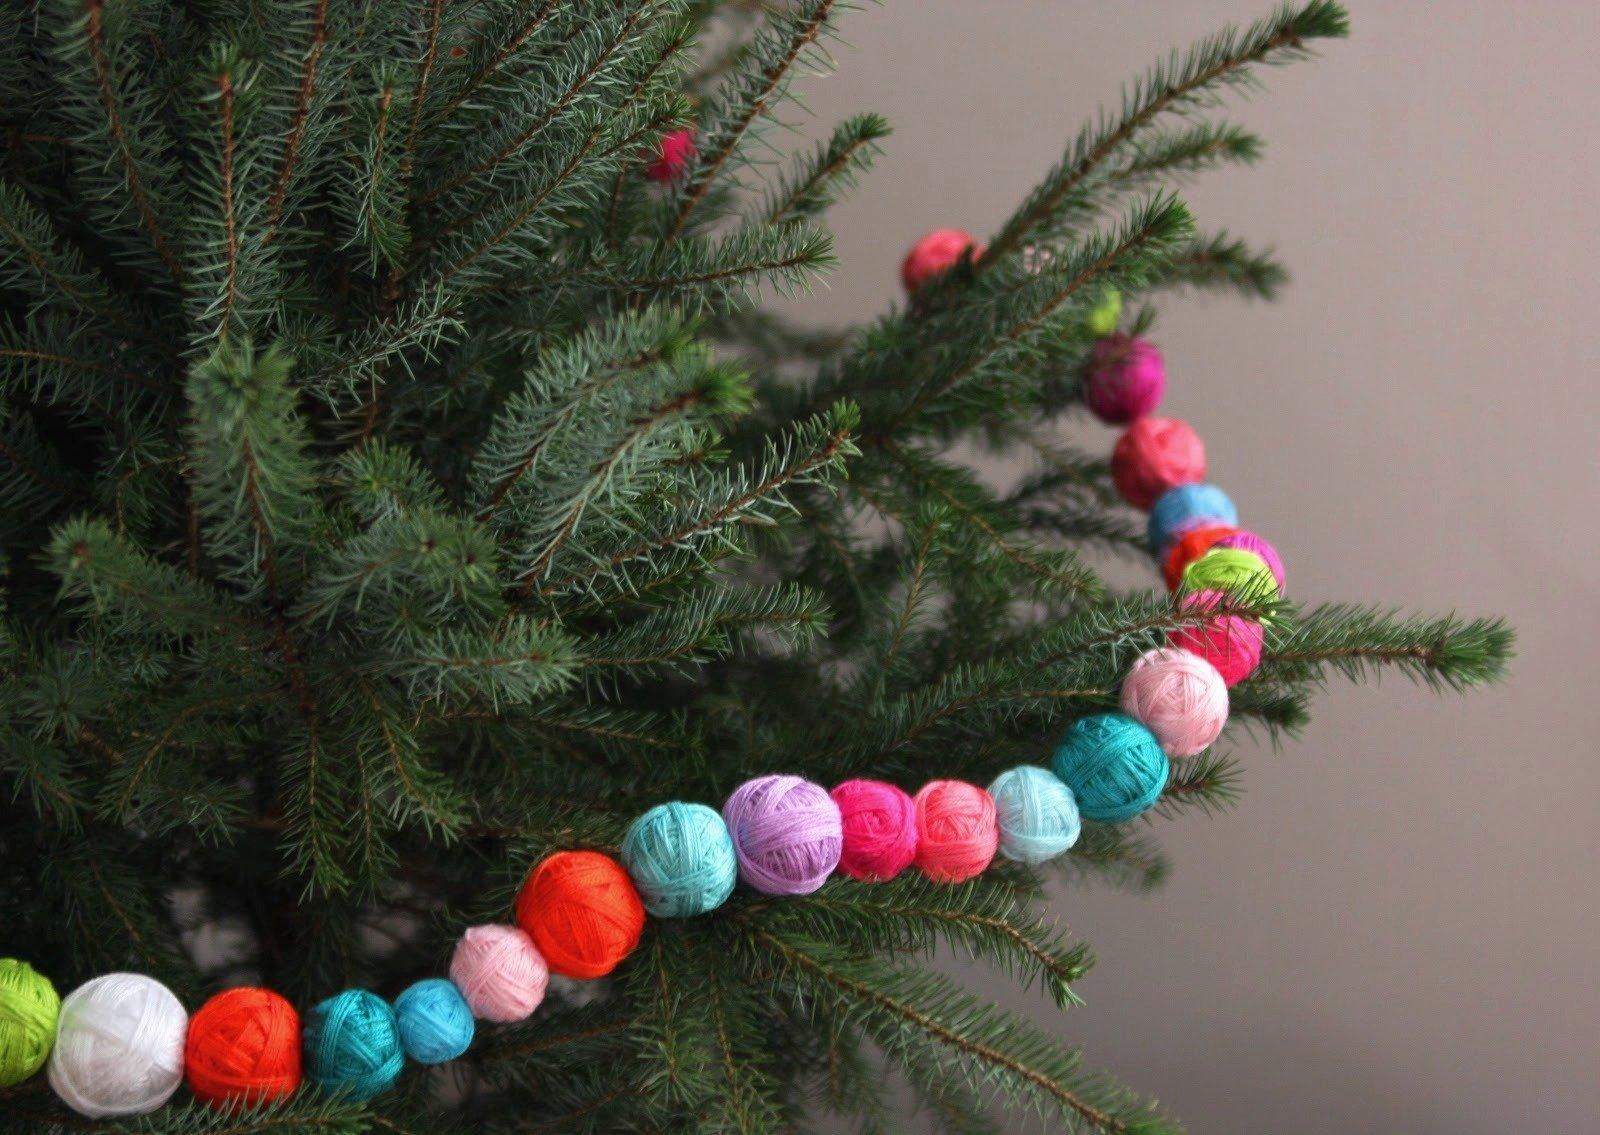 Гирлянда на елку своими руками: мастер-классы изготовления из разных материалов | праздник для всех